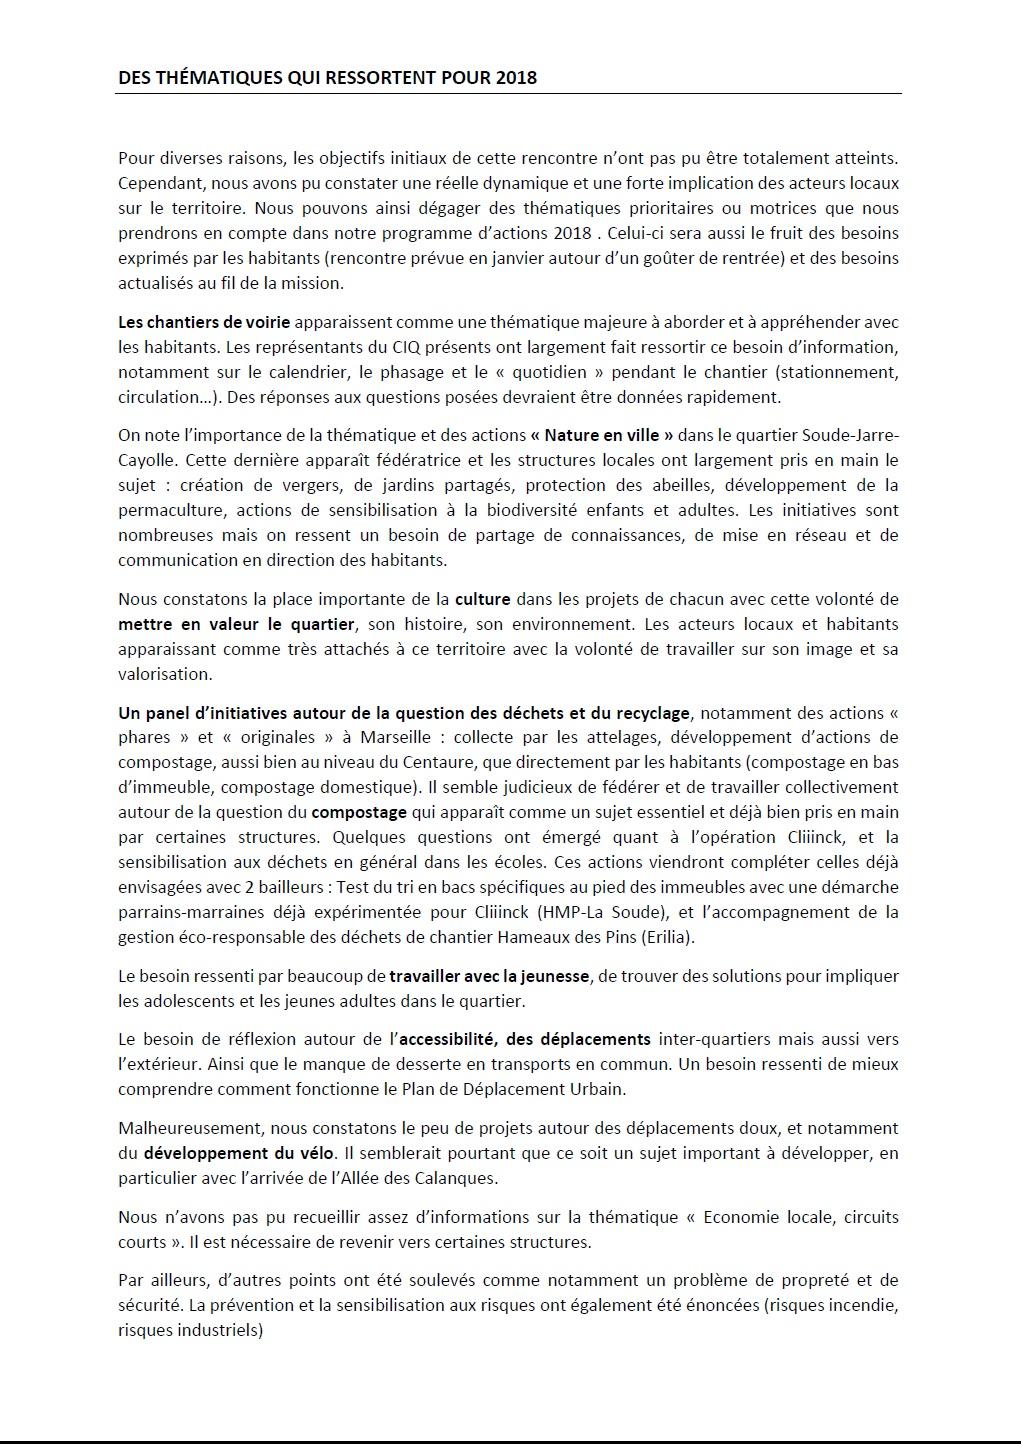 CR Réunion V Eco 4.12 p 2